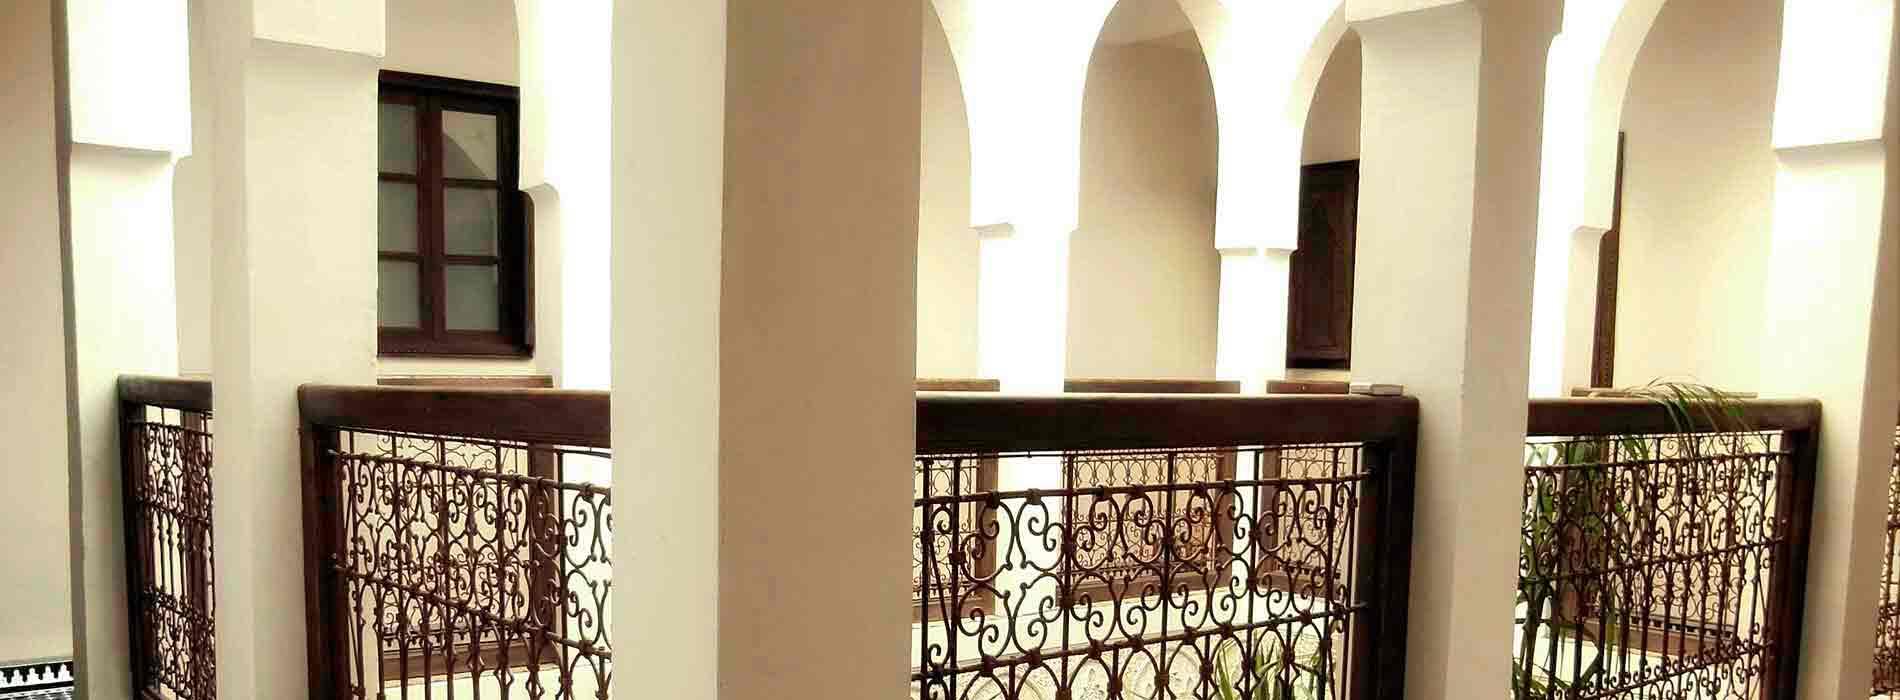 Riad Aguaviva picture. Archs